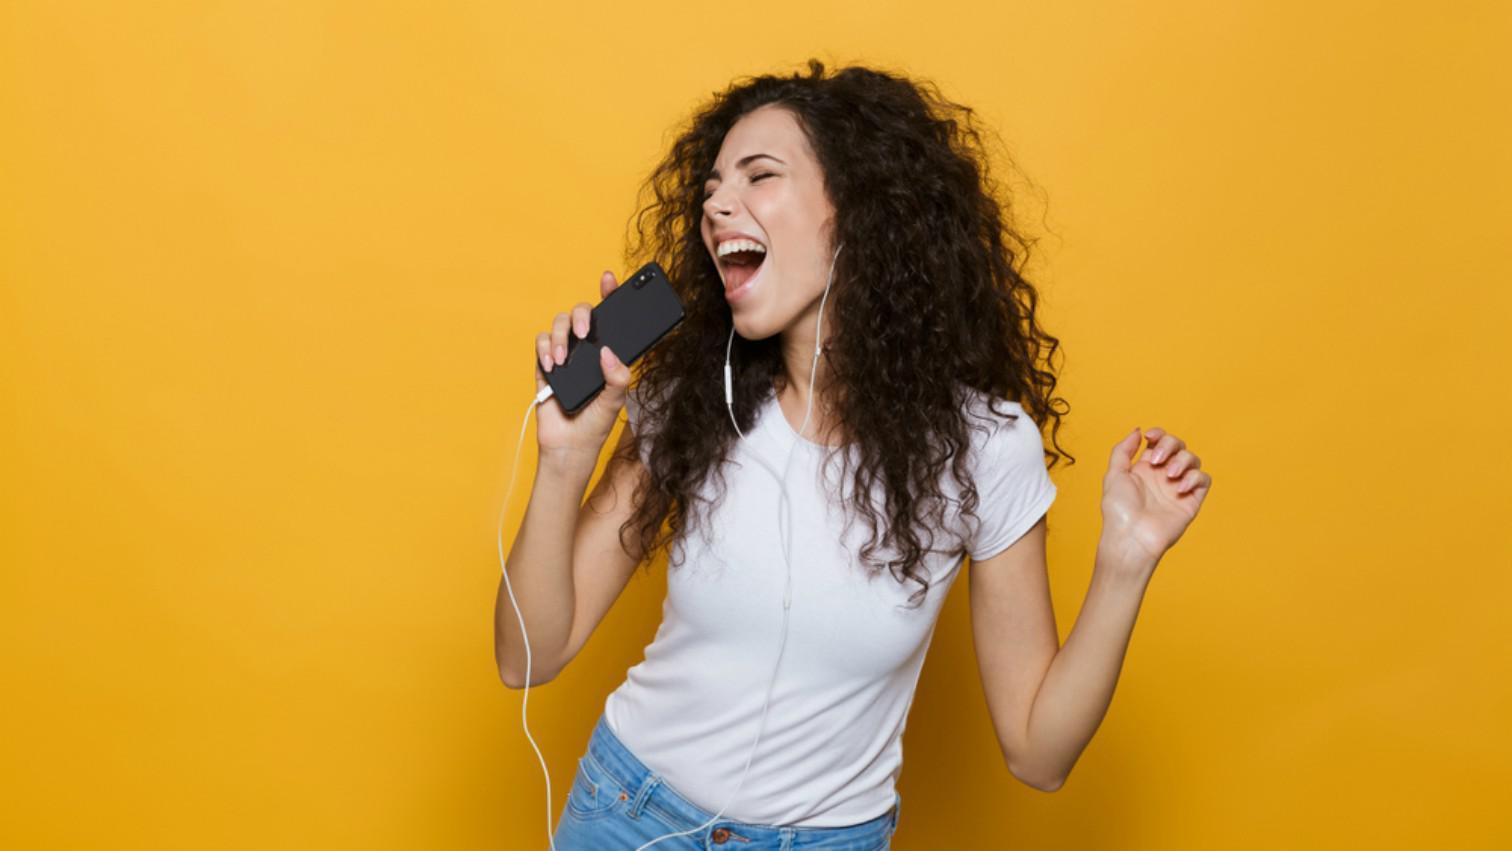 8 Tips Agar Suara Bagus Saat Bernyanyi